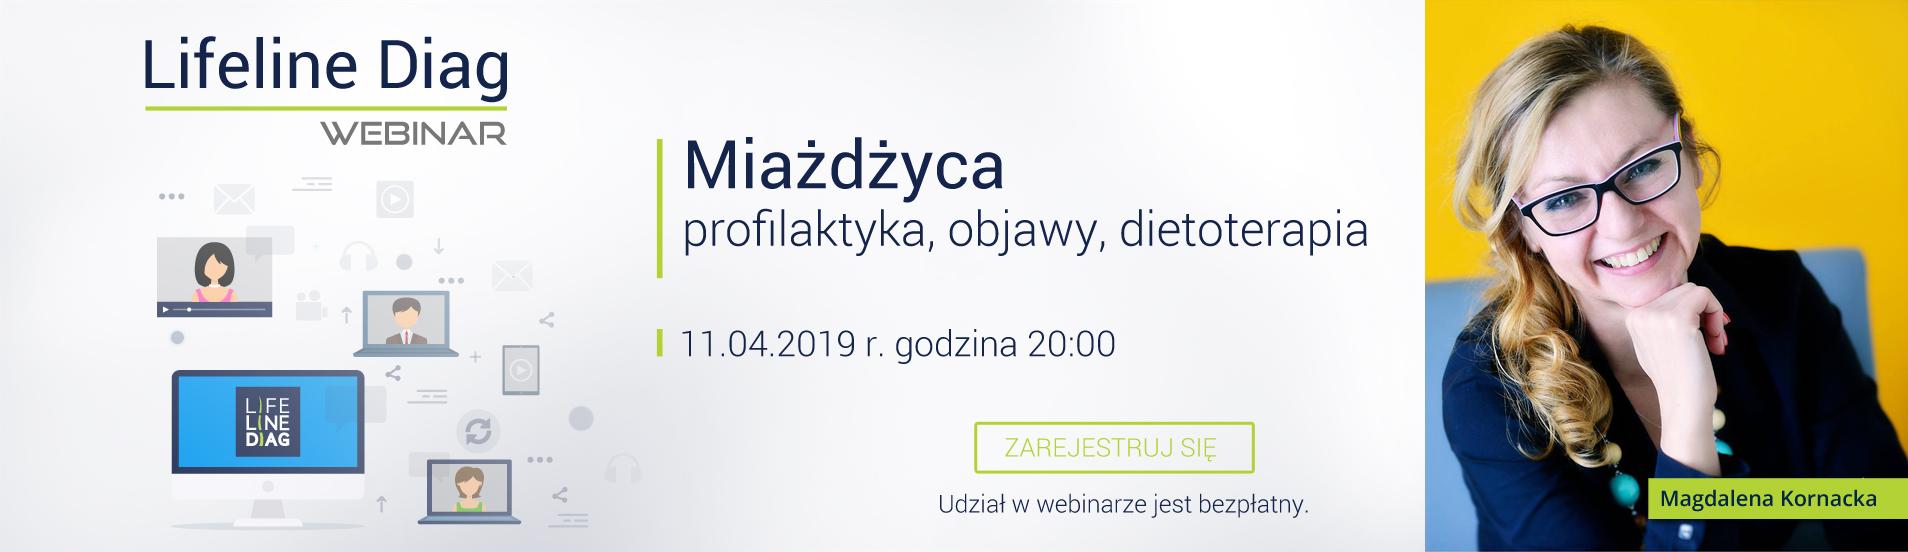 webinar 11.04.2019